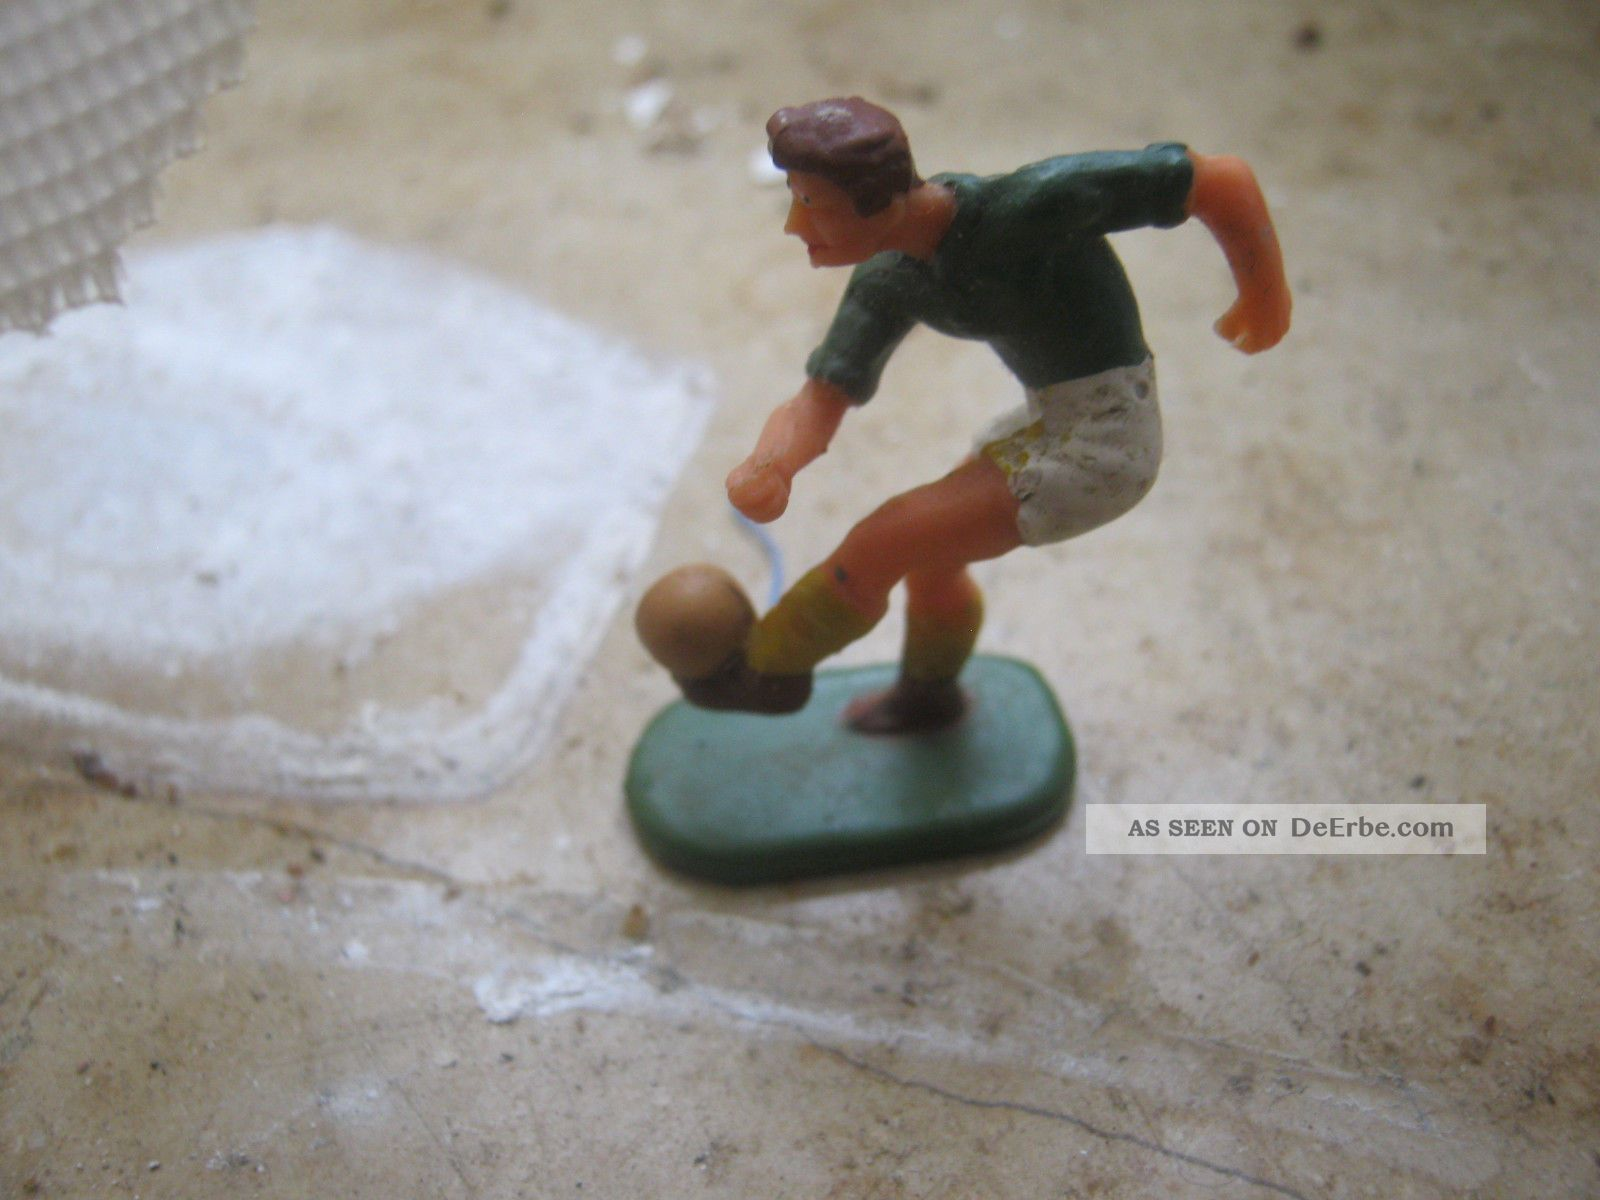 Spiel 4 - 0530 Elastolin 4cm Seltene Spielfigur Fußballer 60iger Jahre Gefertigt nach 1945 Bild